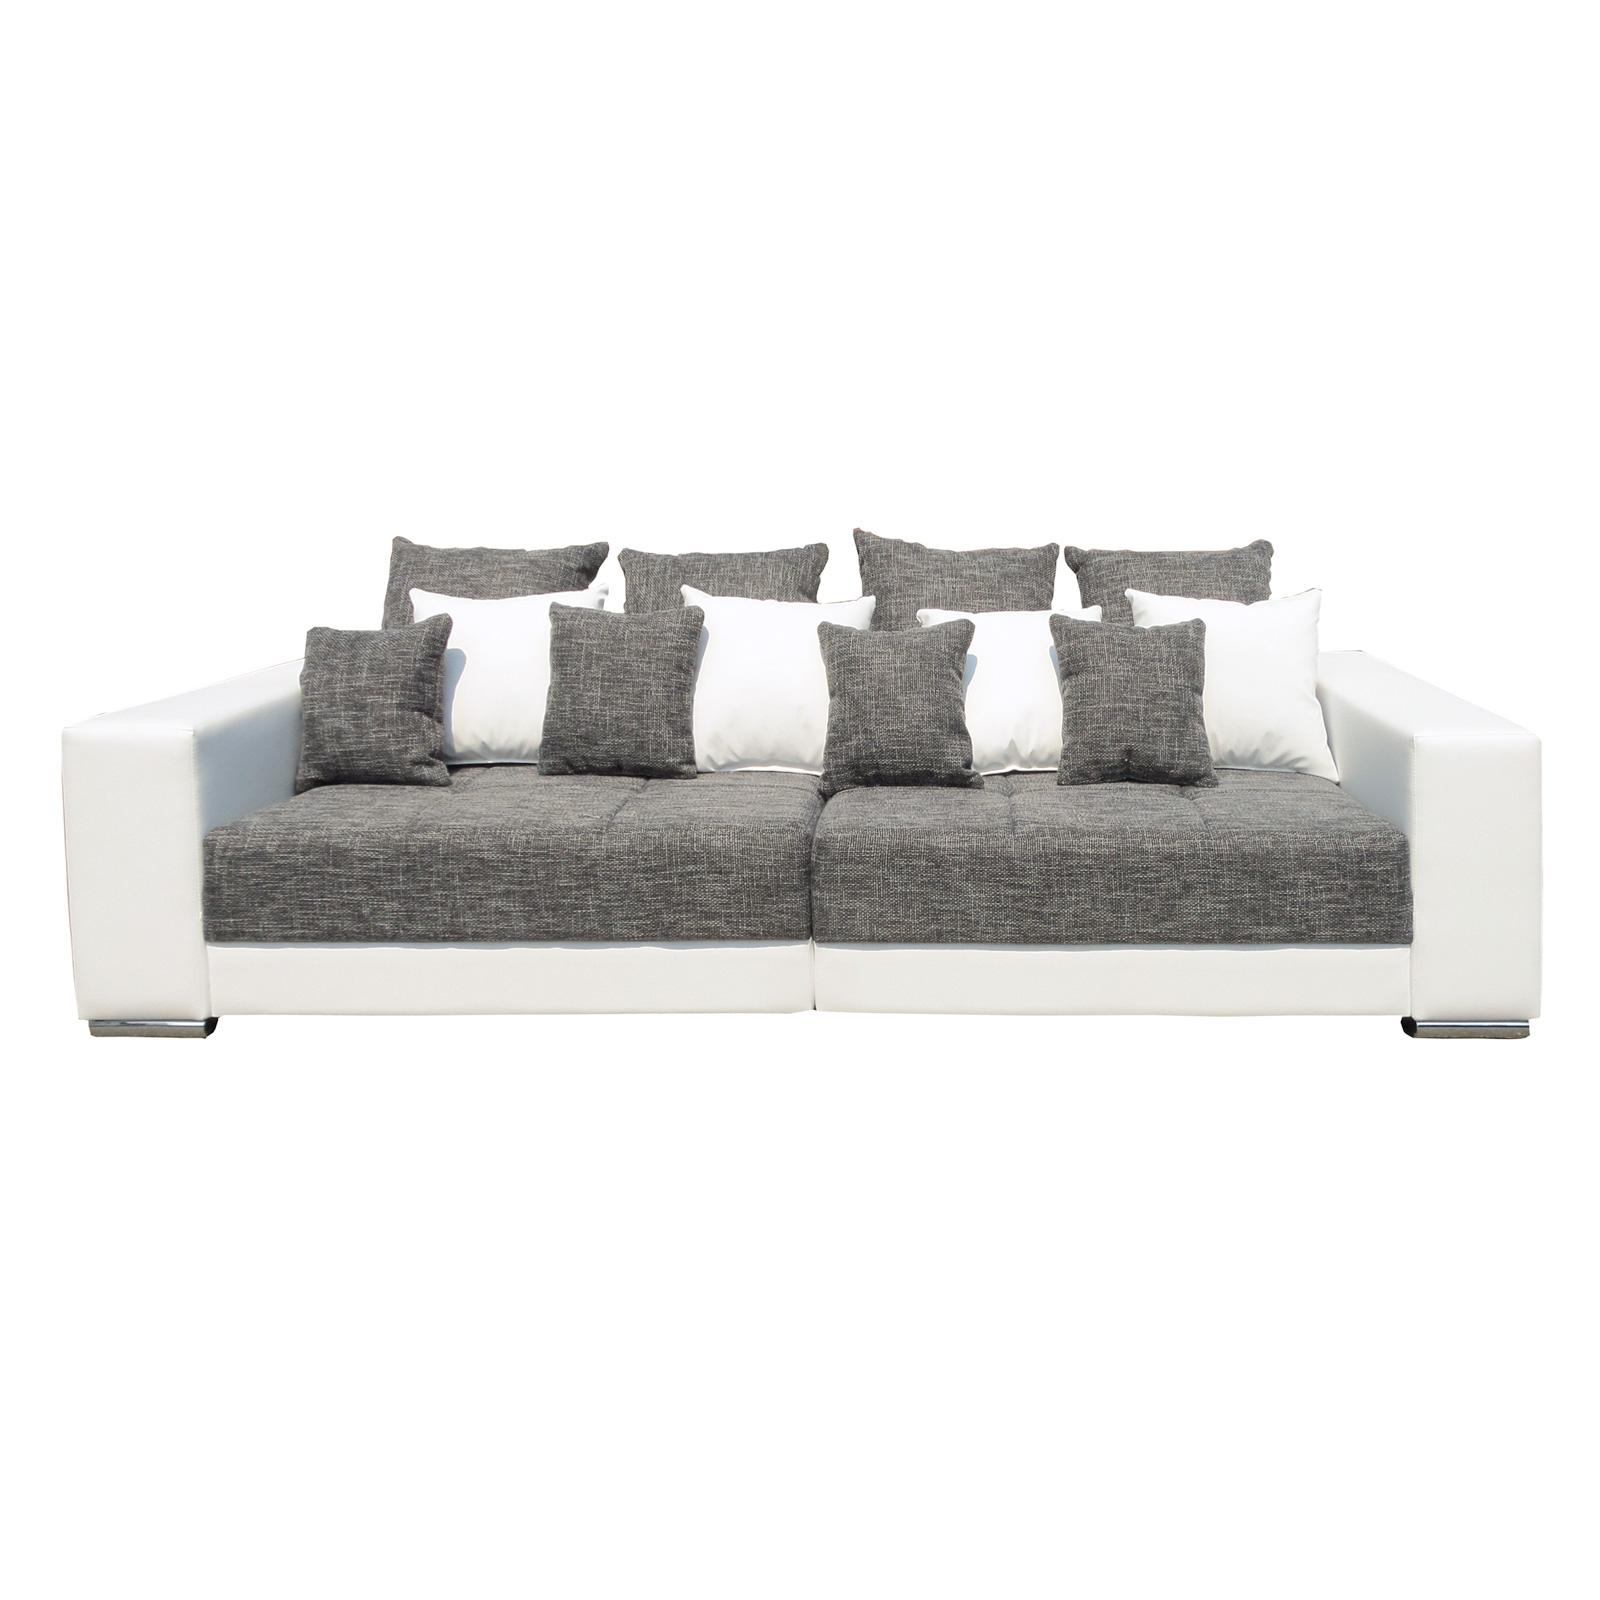 bigsofa adria polstergarnitur wohnlandschaft im lederlook wei webstoff hellgrau ebay. Black Bedroom Furniture Sets. Home Design Ideas